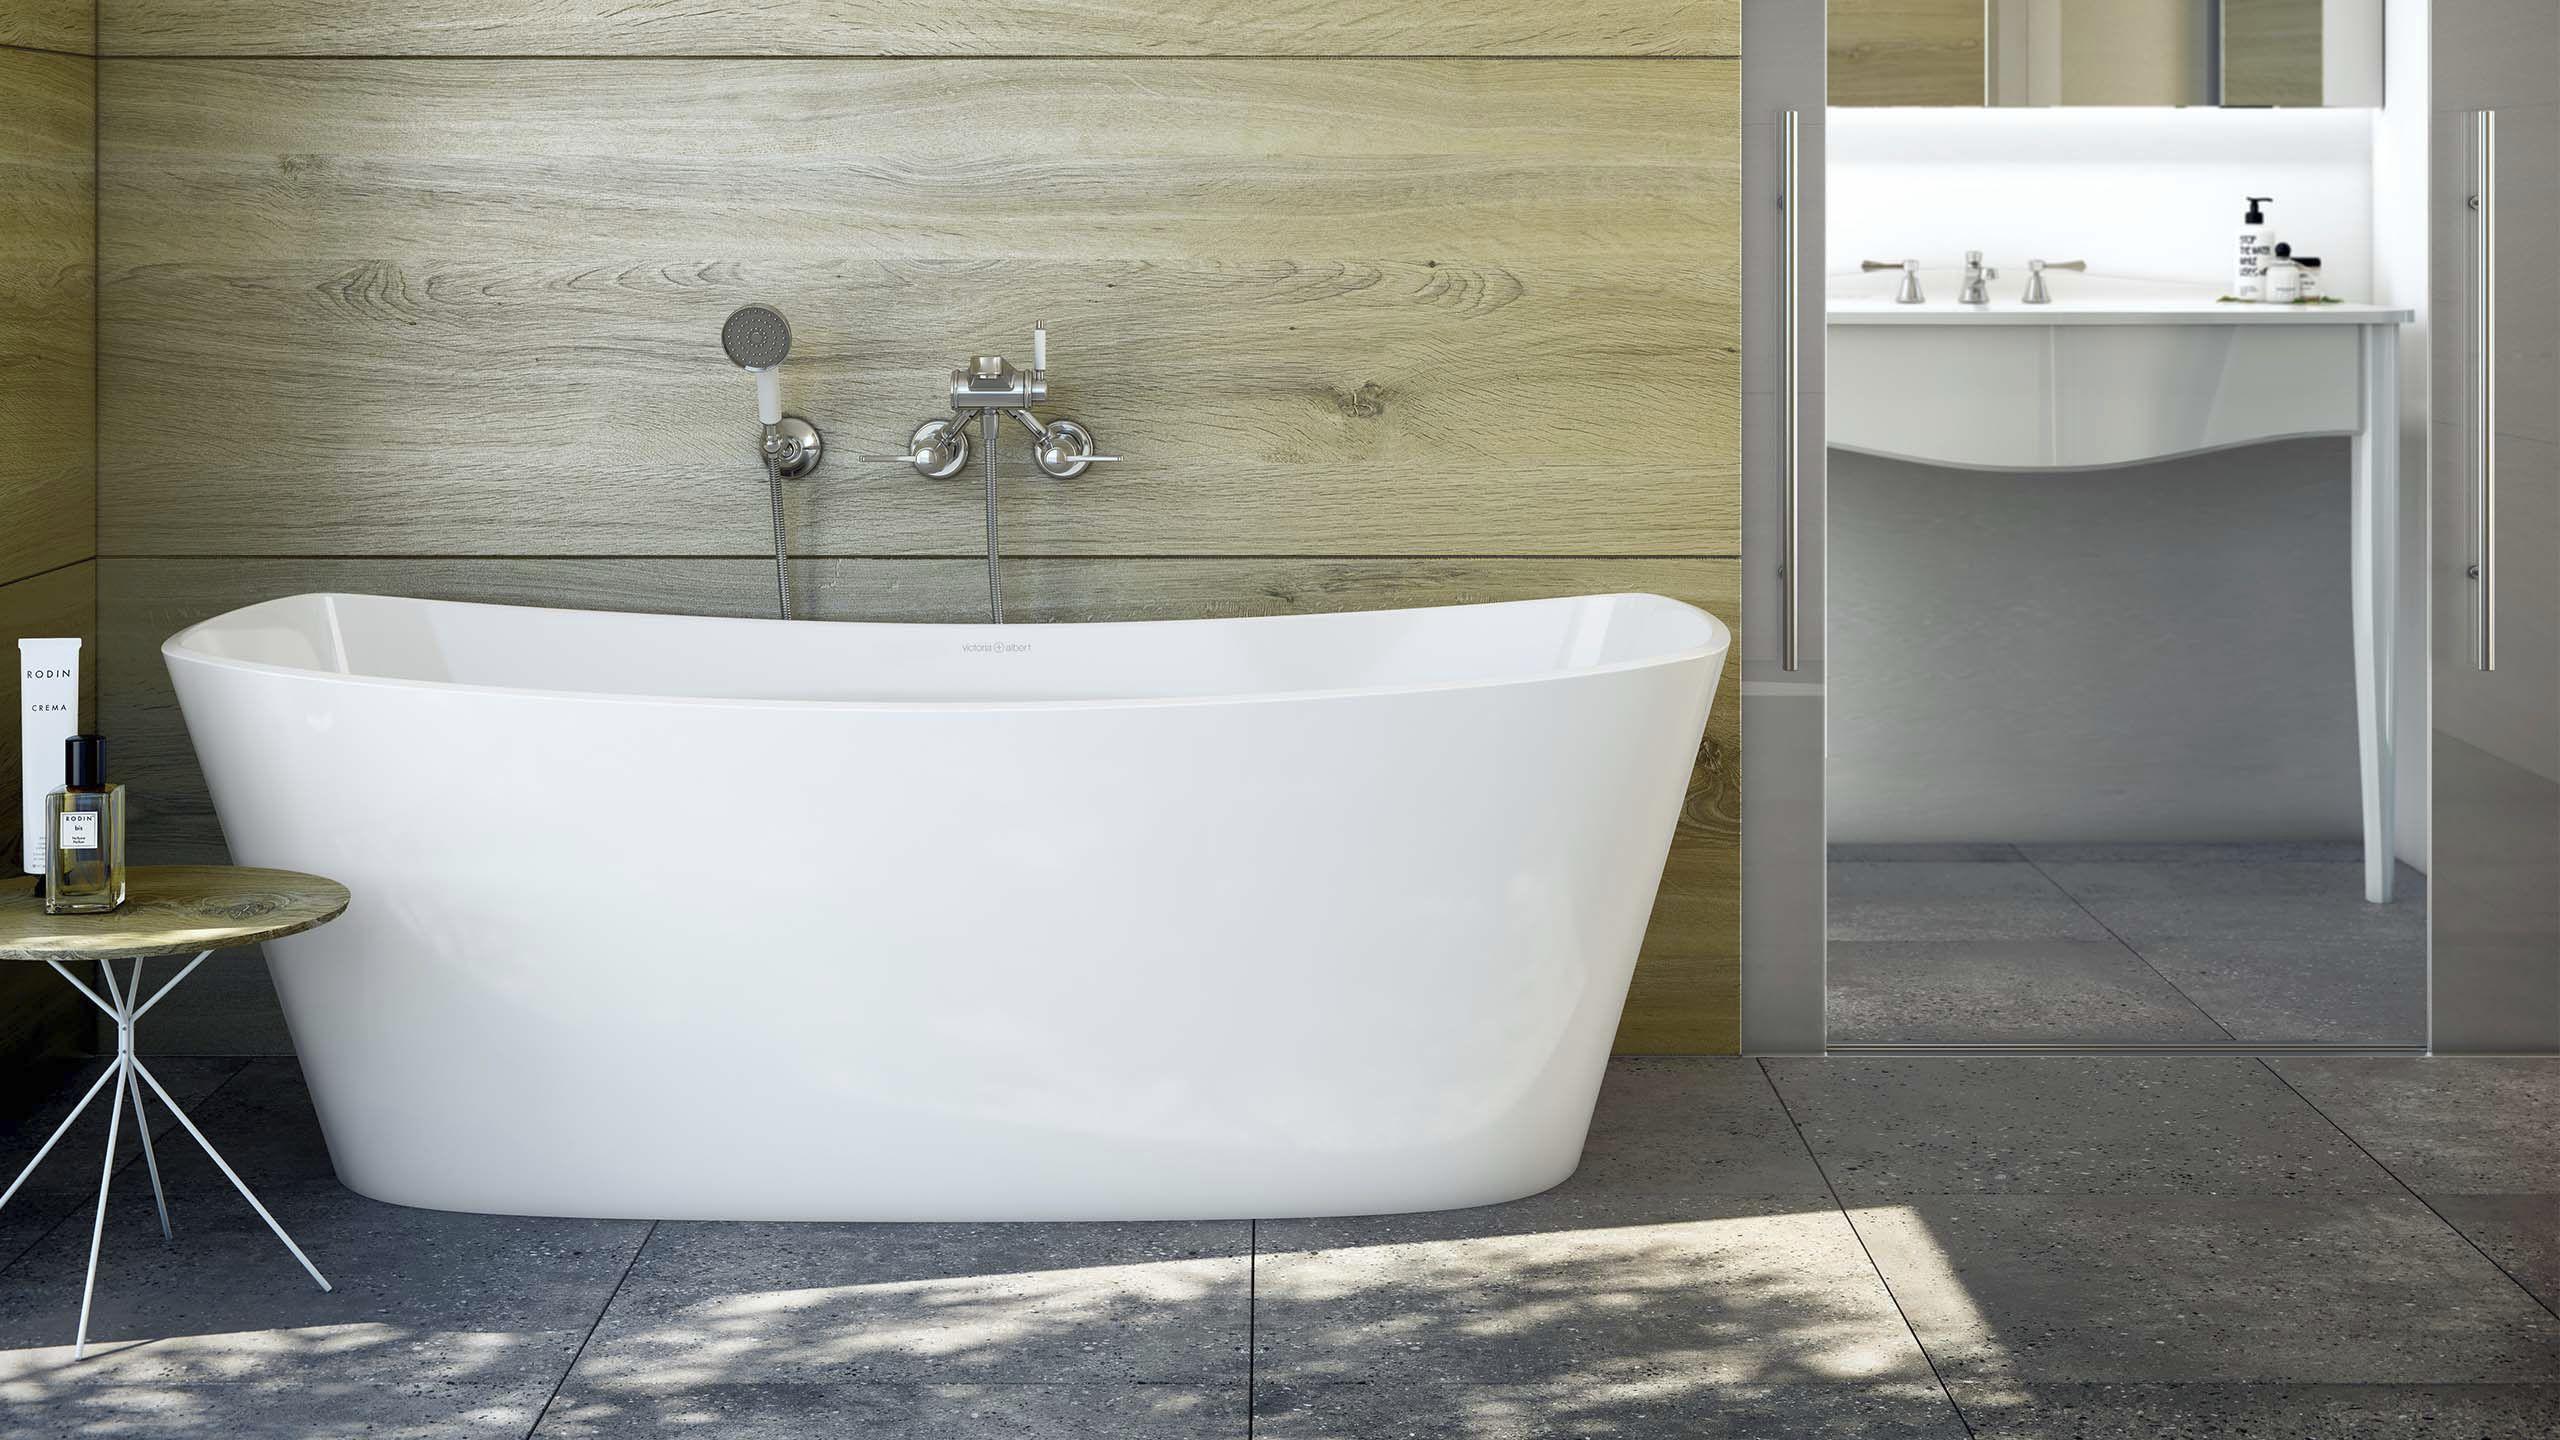 Dimensioni Vasca Da Bagno Classica : Vasca da bagno ad isola in resina in pietra calcarea doppia